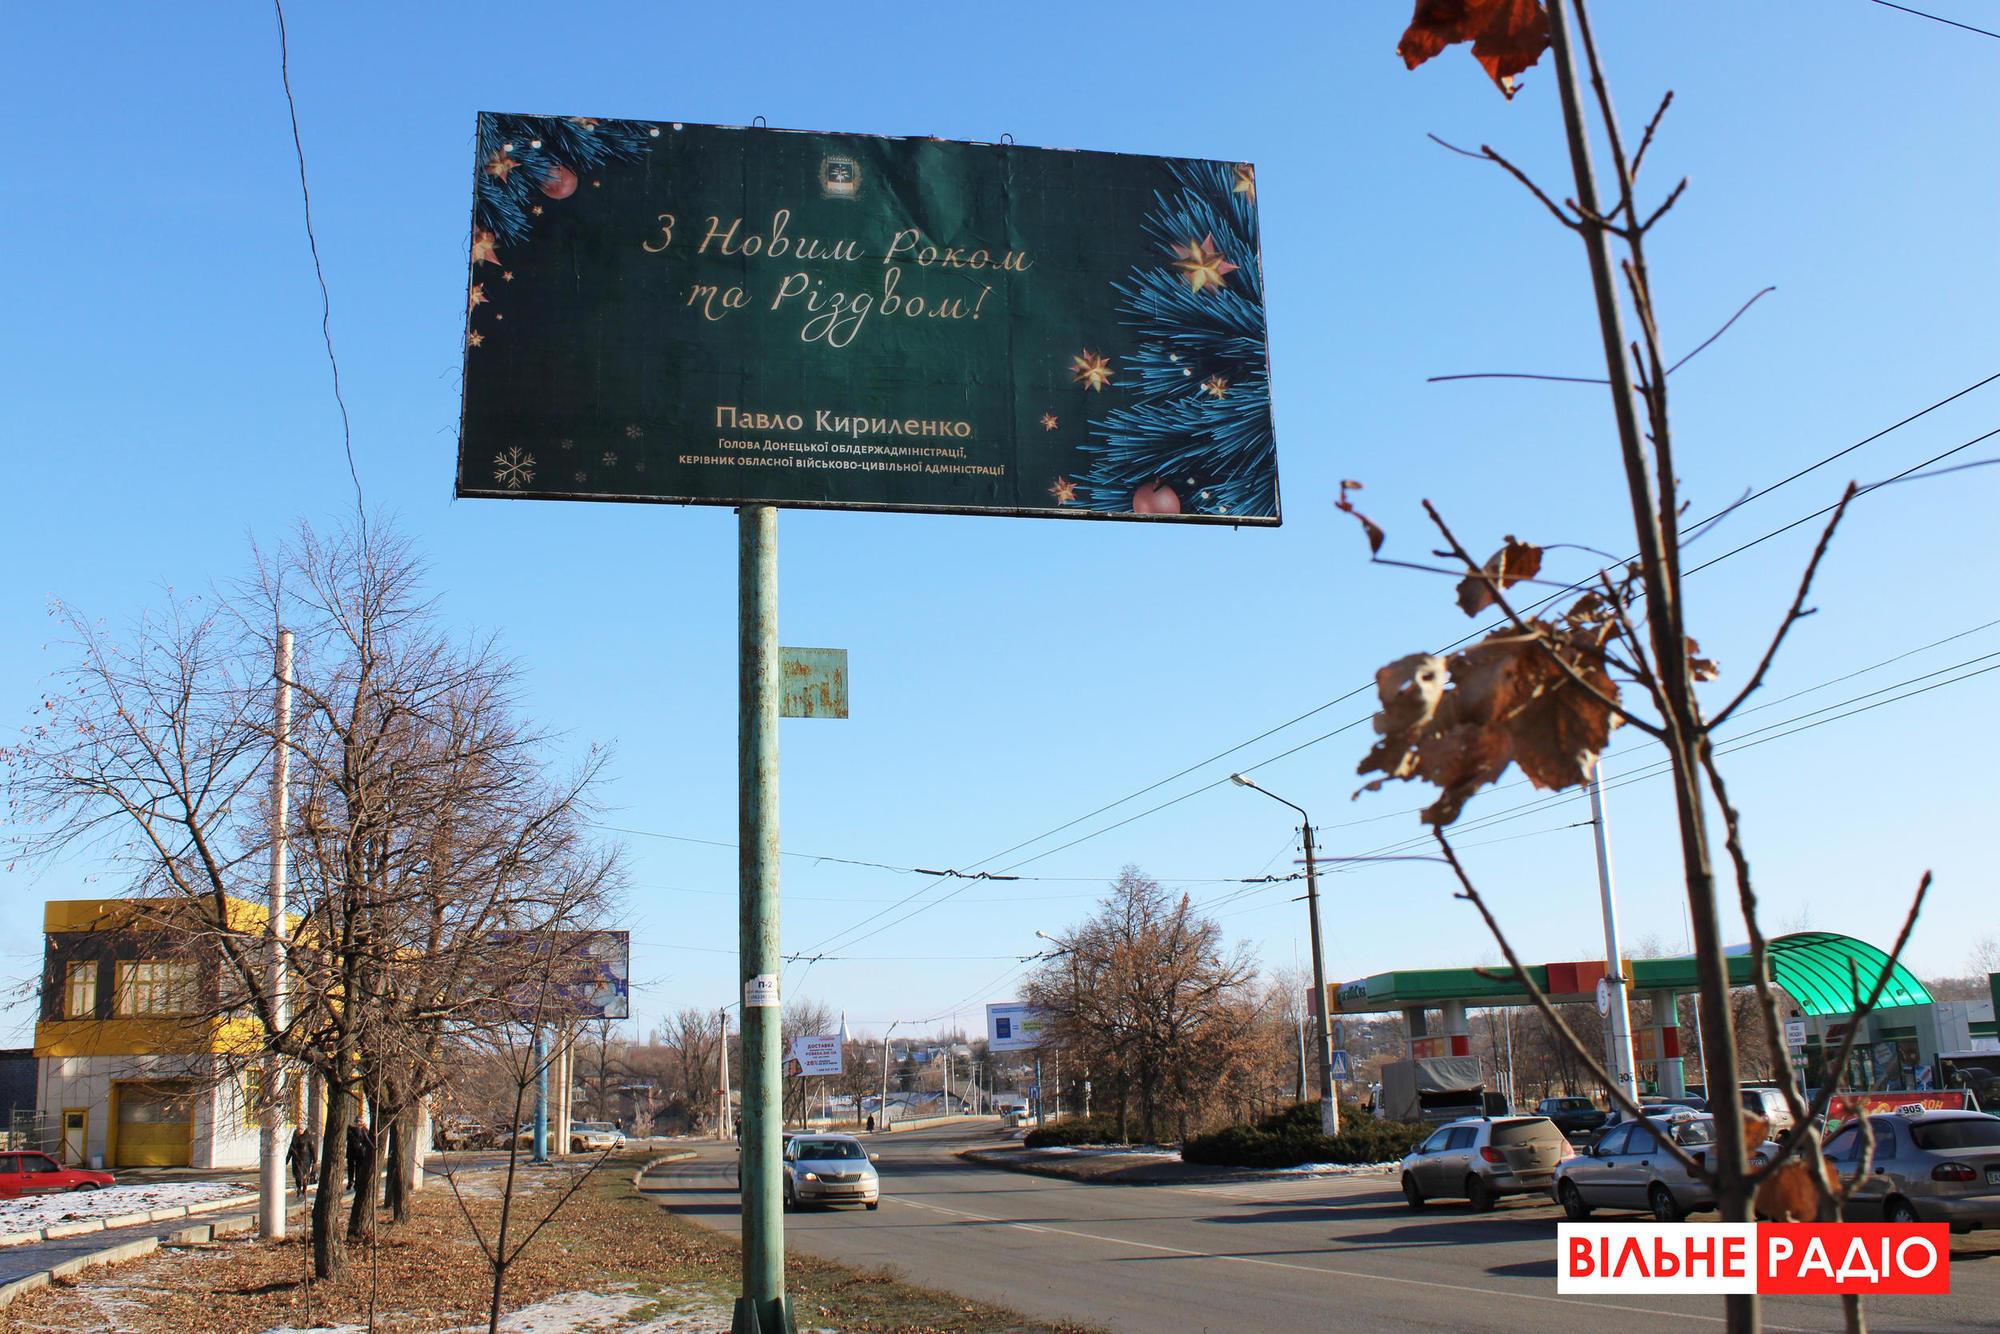 Привітання з Різдвом від голови Донецької області Павла Кириленка